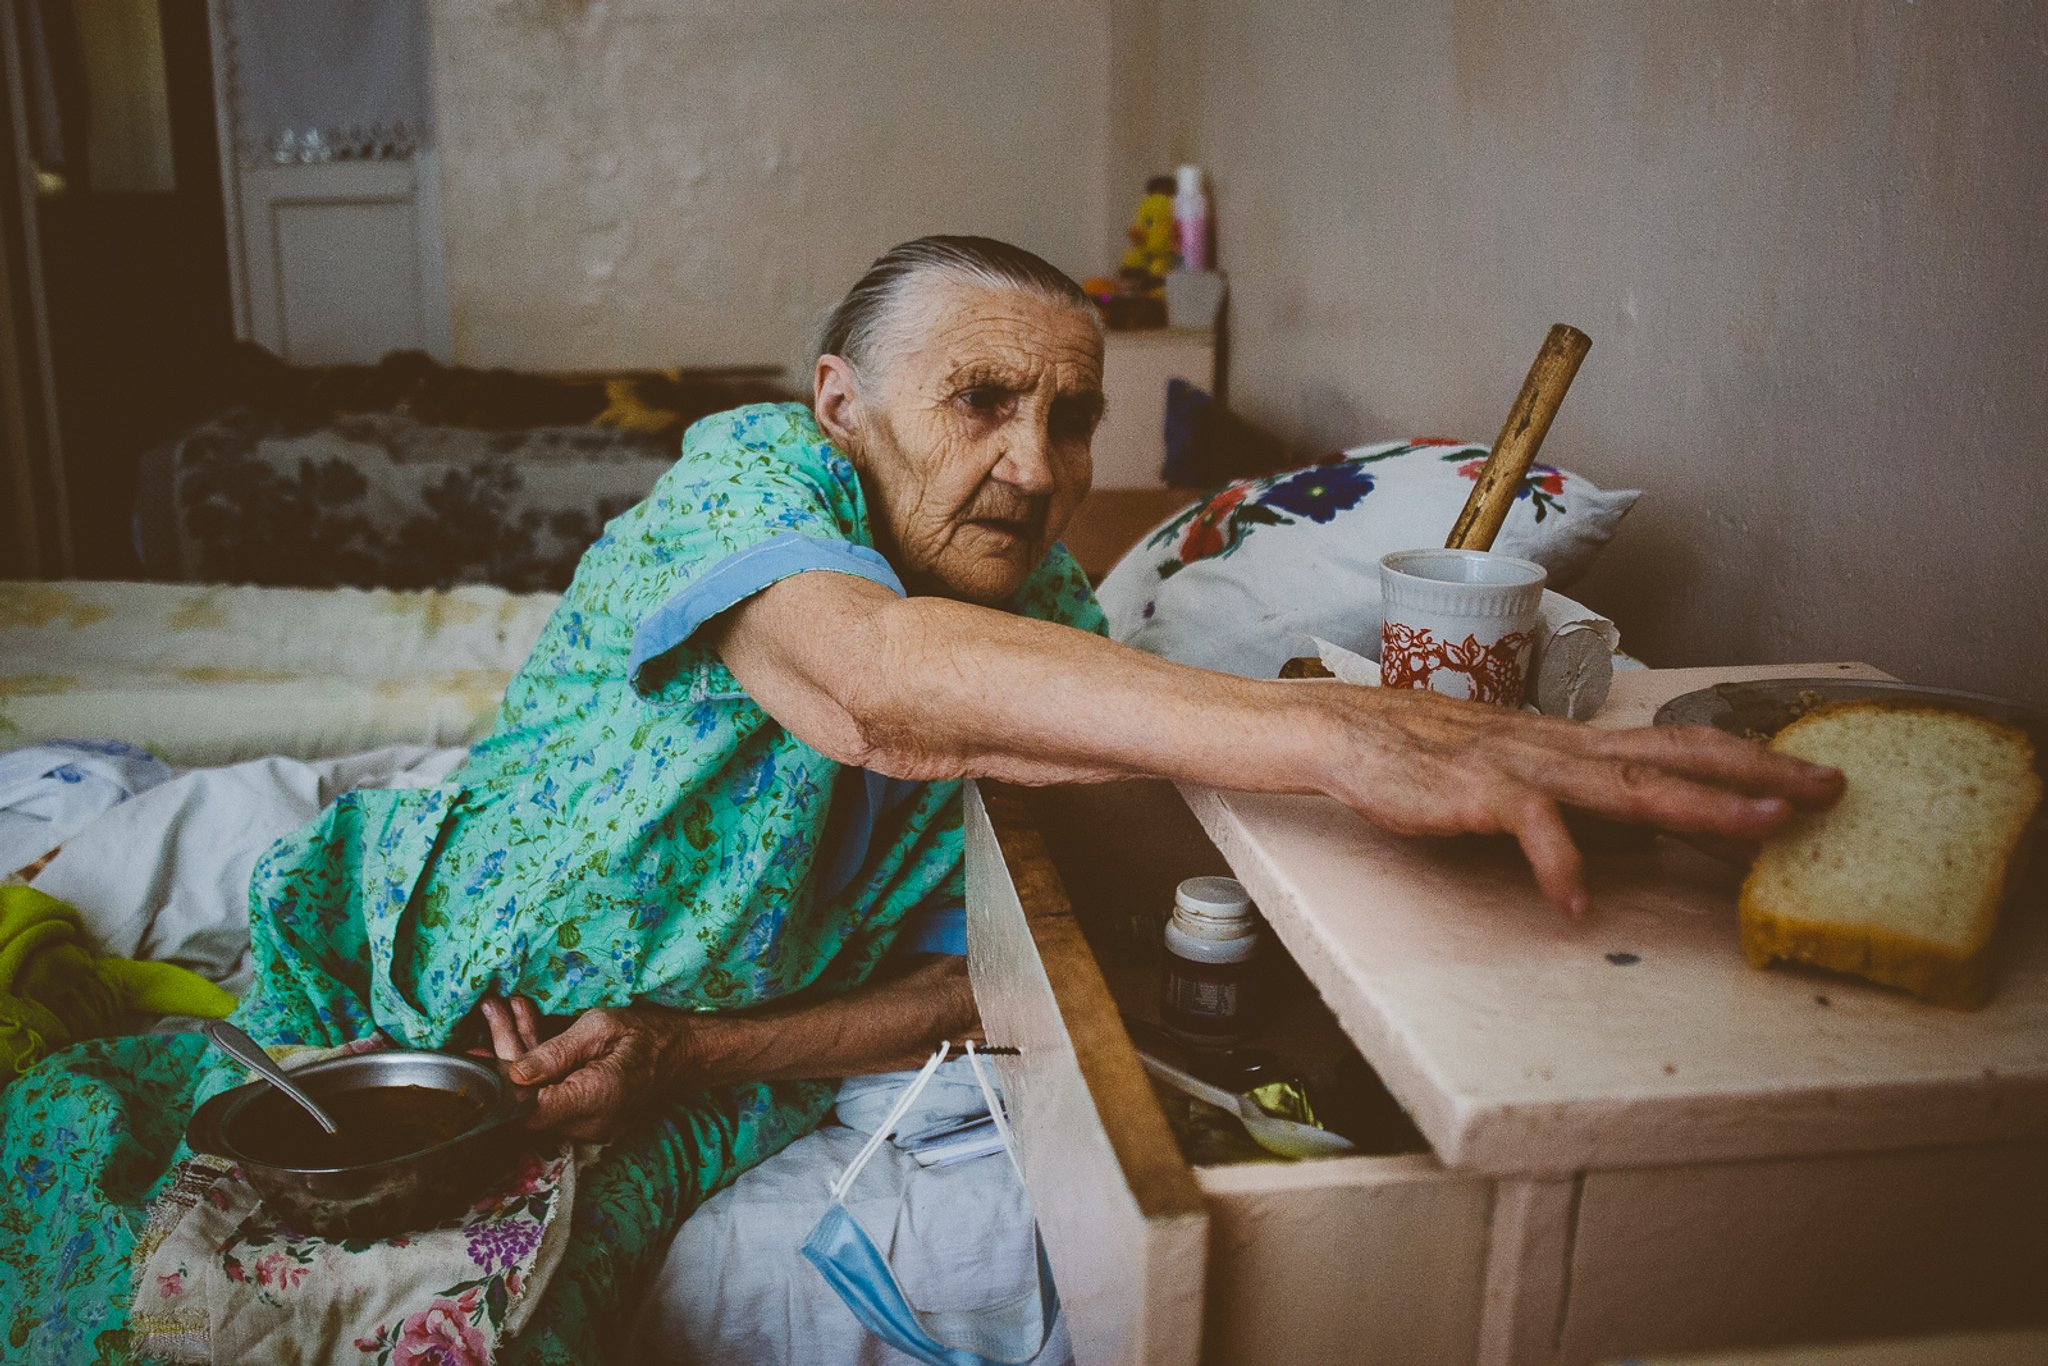 TB EPIDEMIC IN UKRAINE